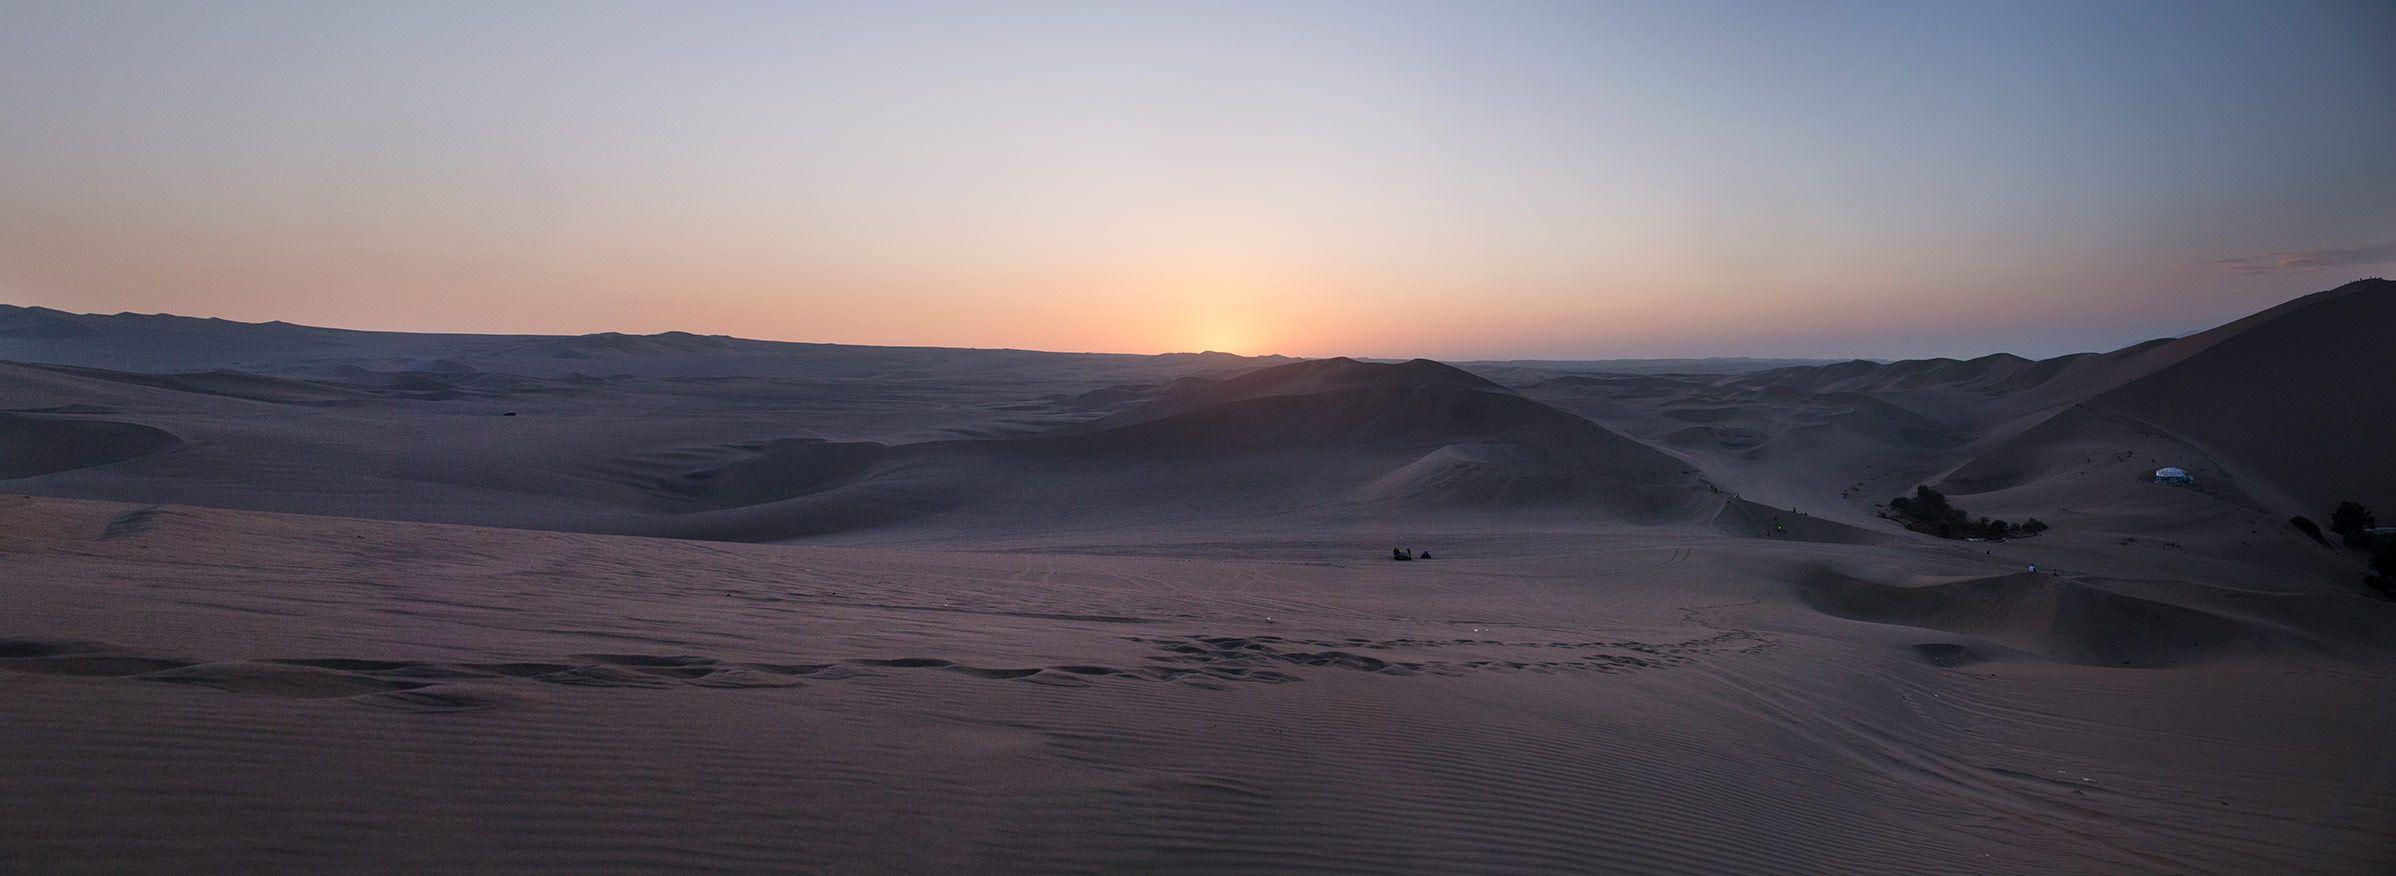 desierto-ica-anochecer